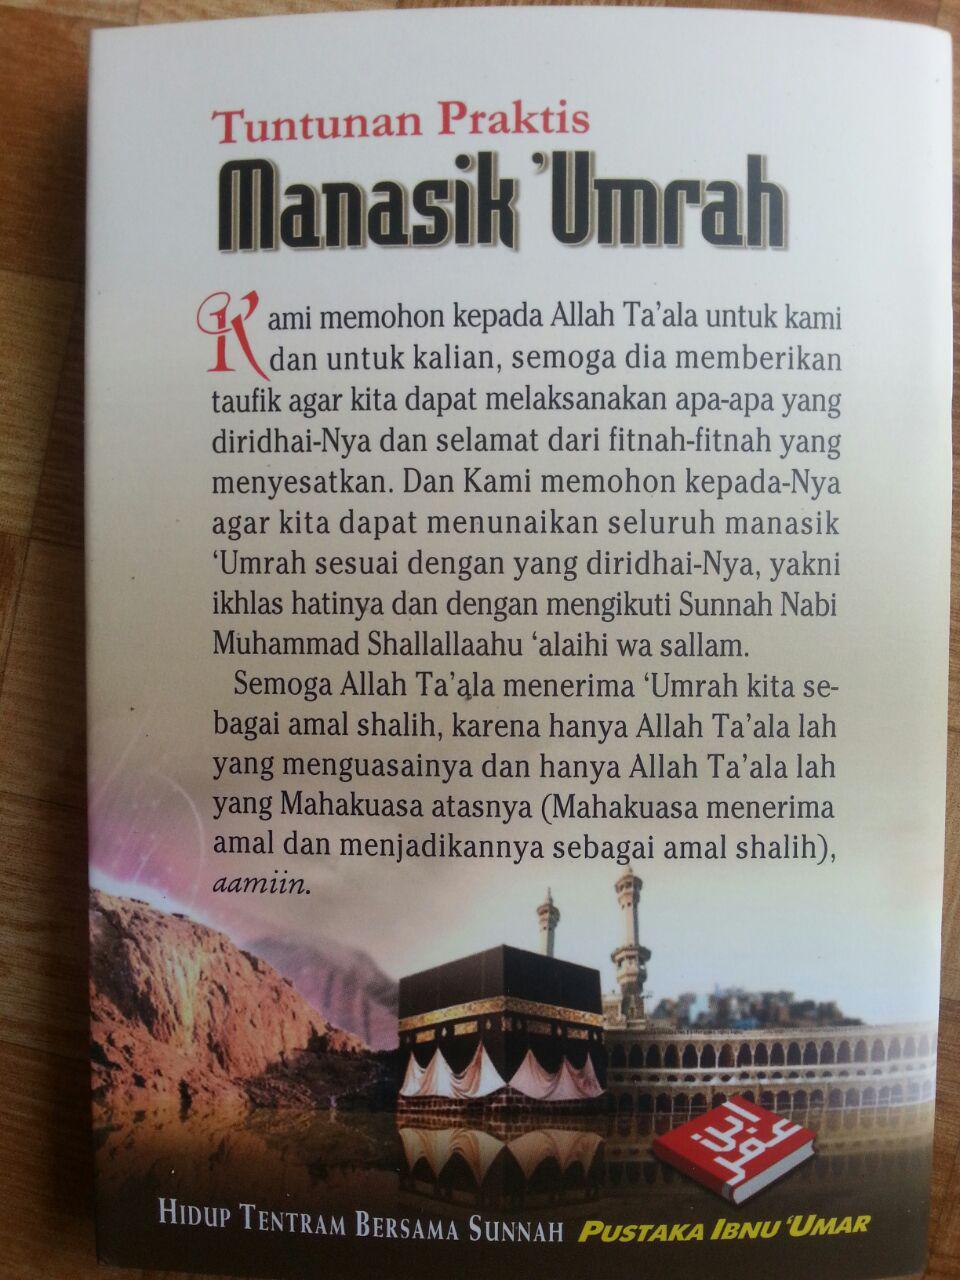 Buku Saku Tuntunan Manasik Umrah cover